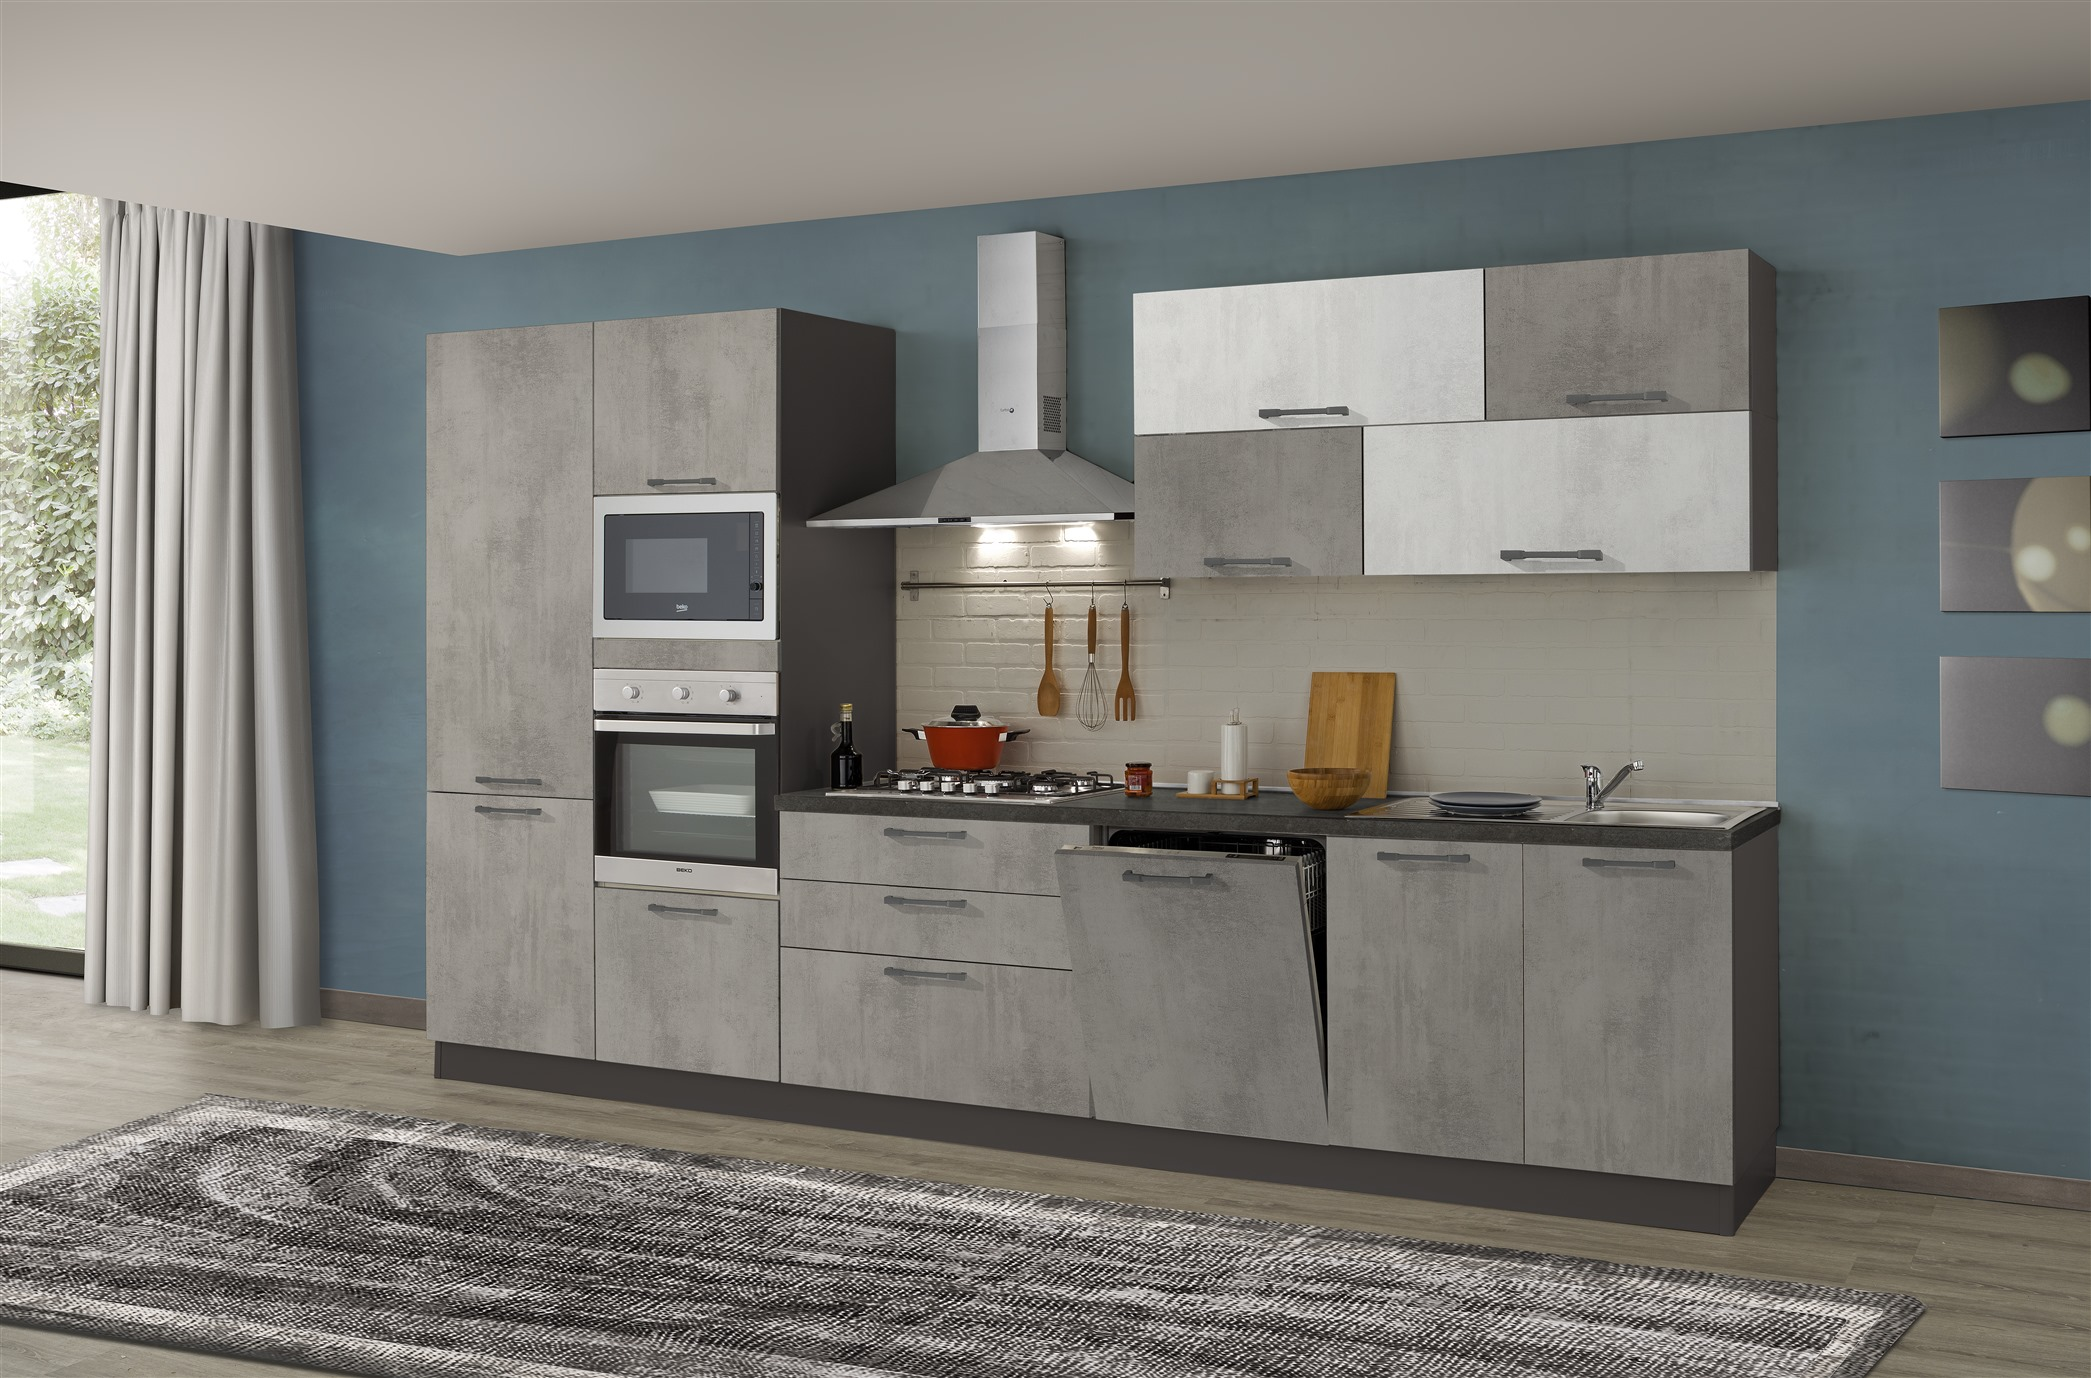 Cucina Kira 360 Micro cemento